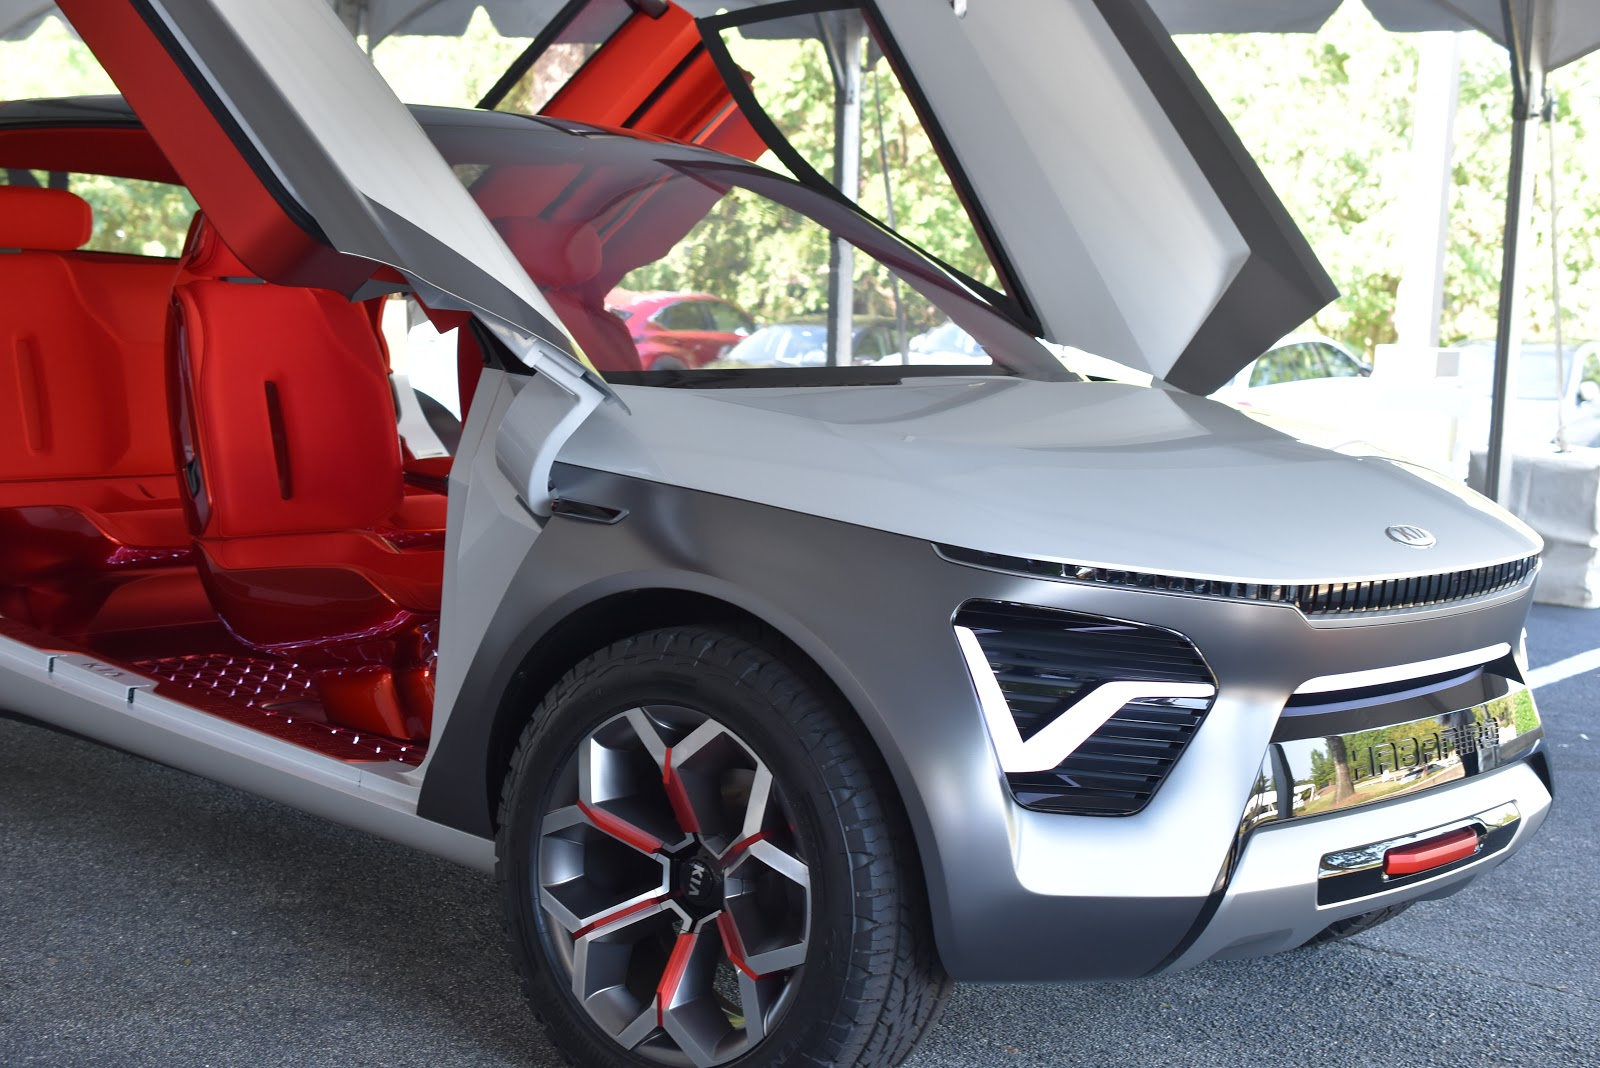 Kia's HabaNiro Car